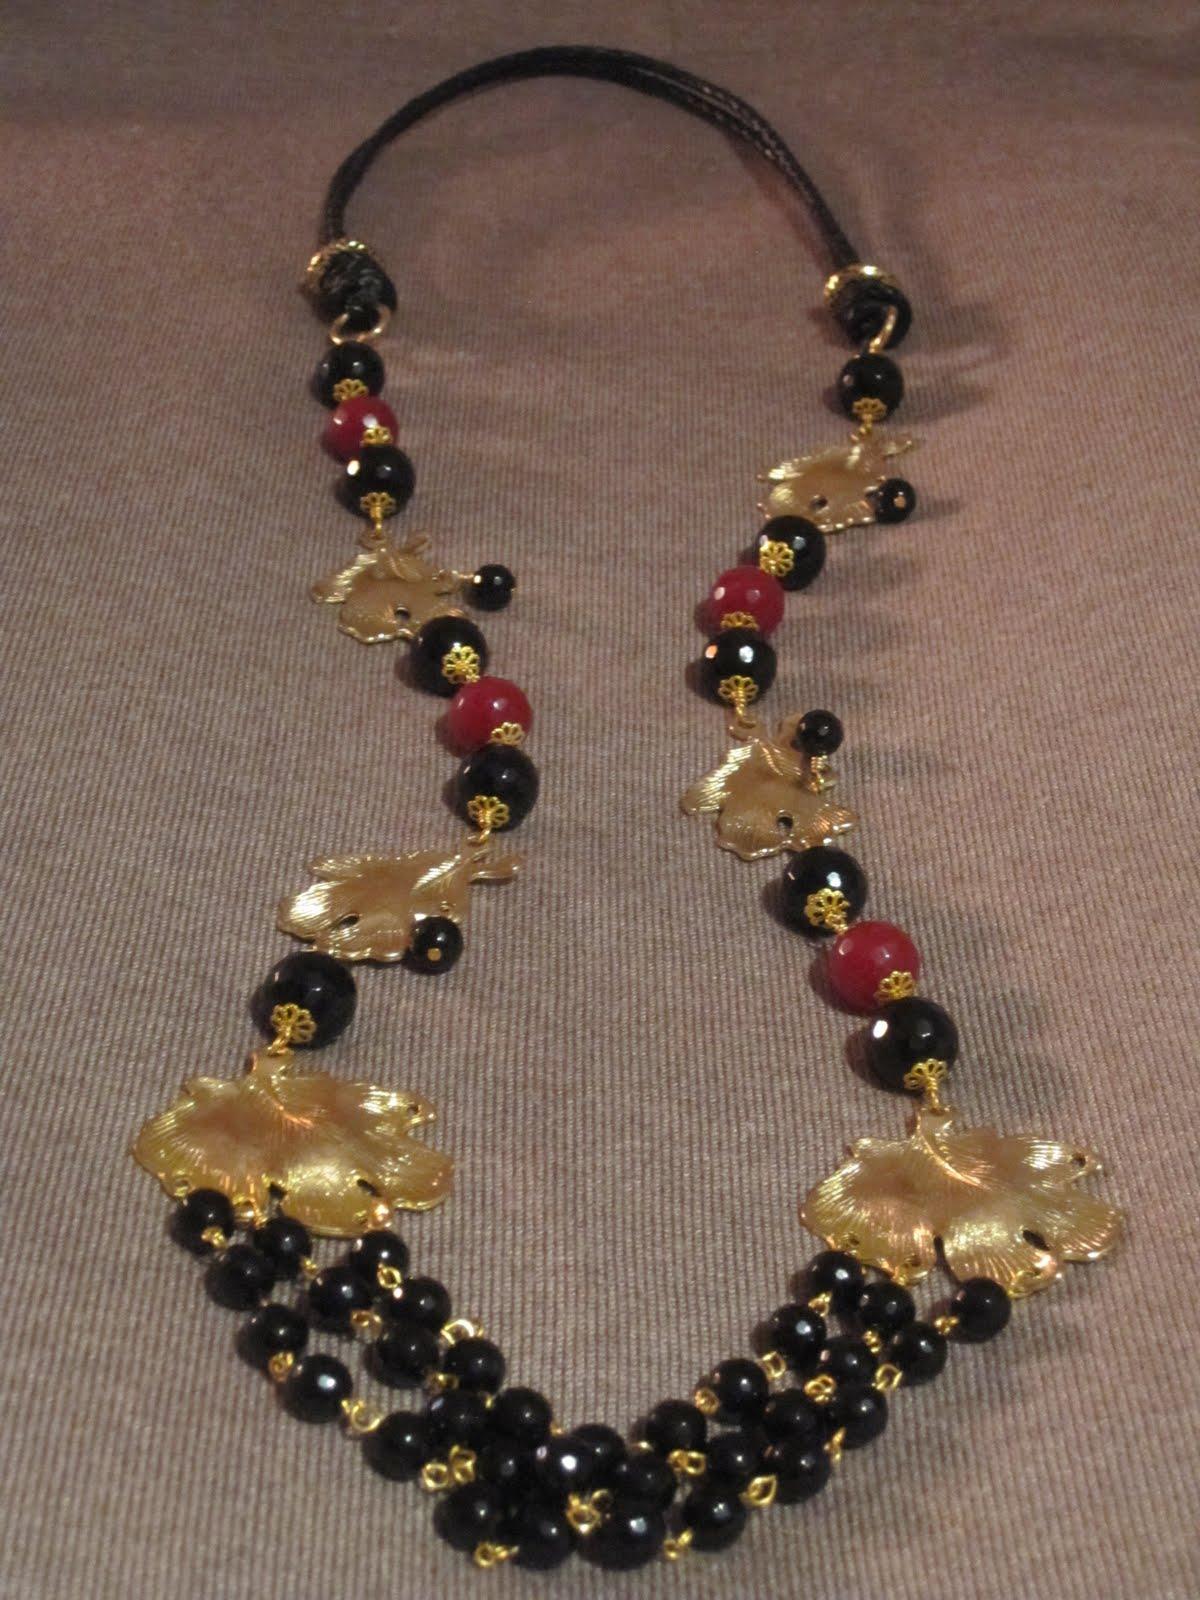 Collar largo en dorado con entrepiezas doradas en formas de hojas, bolas facetadas con casquillas (onix,negras y jades,granates), bolas de onix facetado más